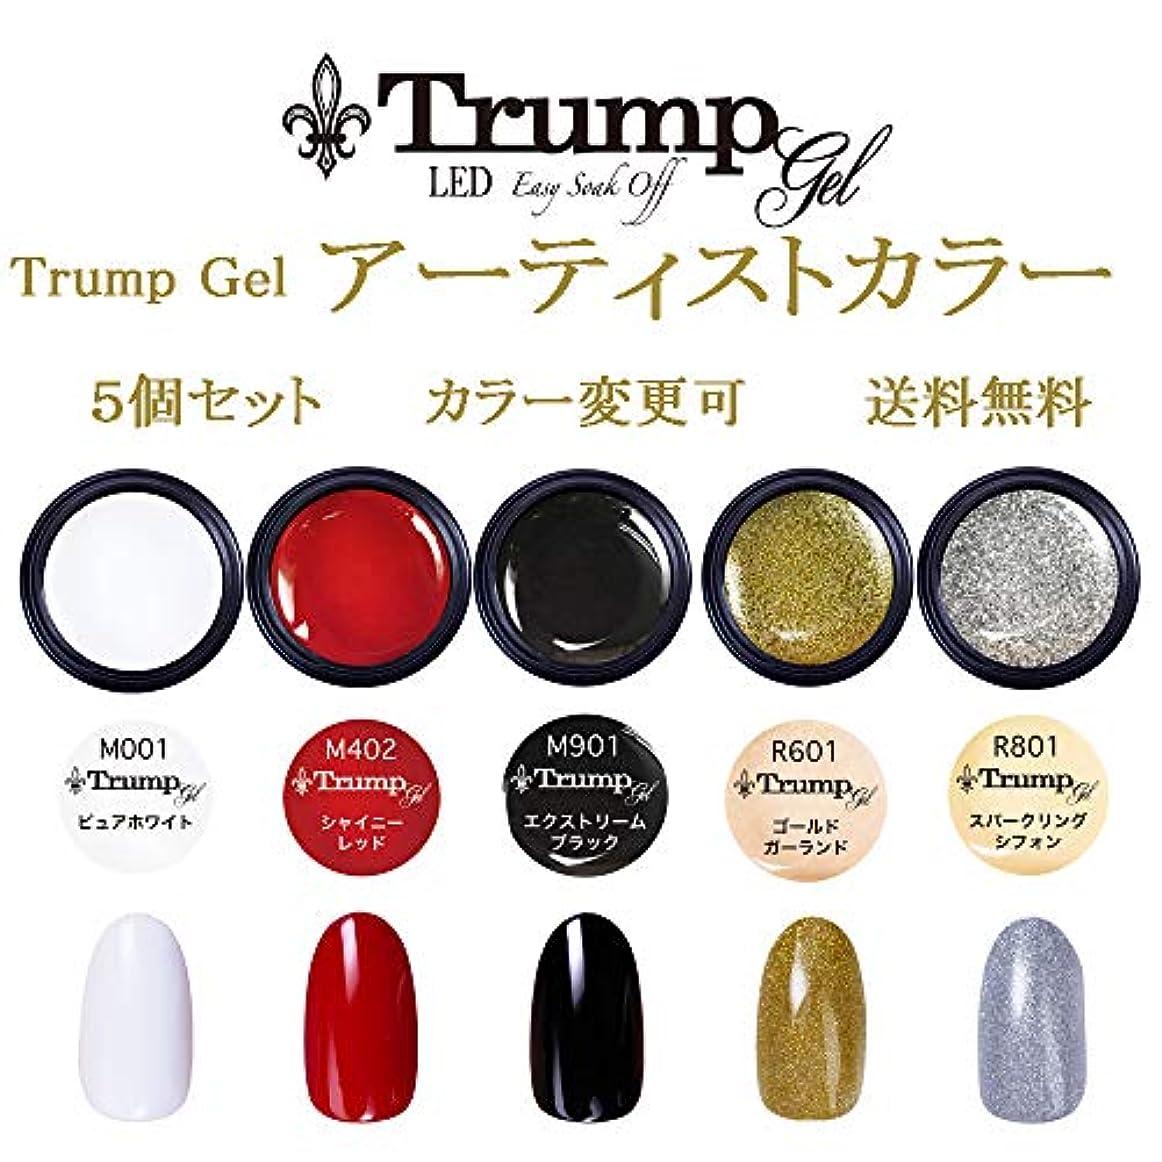 助手現象胸【送料無料】Trumpアーティストカラー選べる カラージェル5個セット